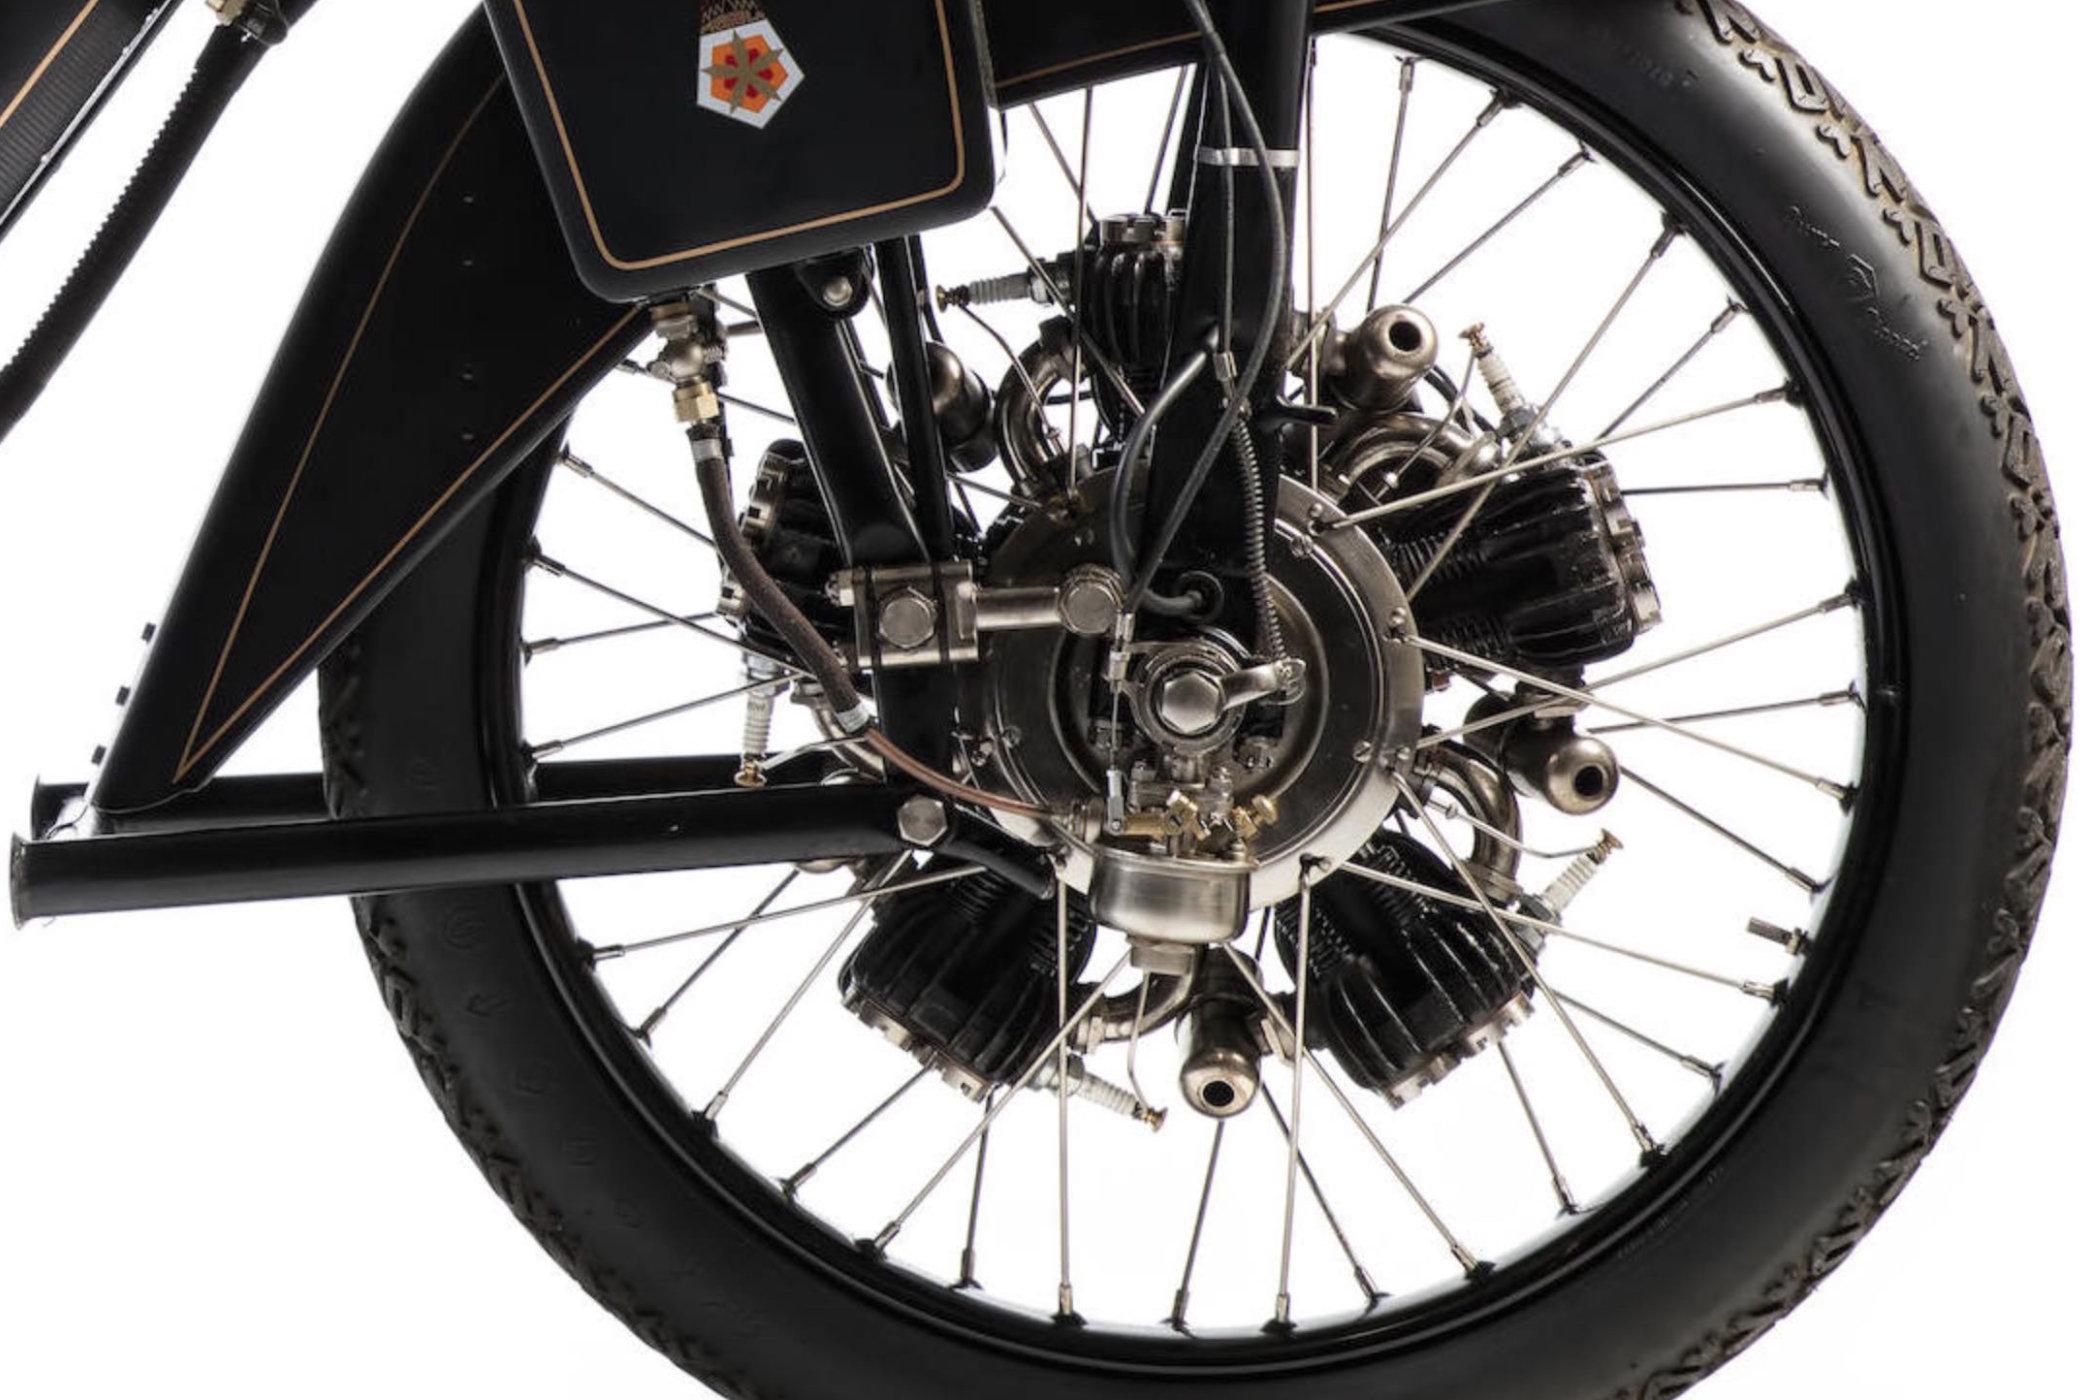 1922 Megola motorbike with front wheel mounted radial engine 3